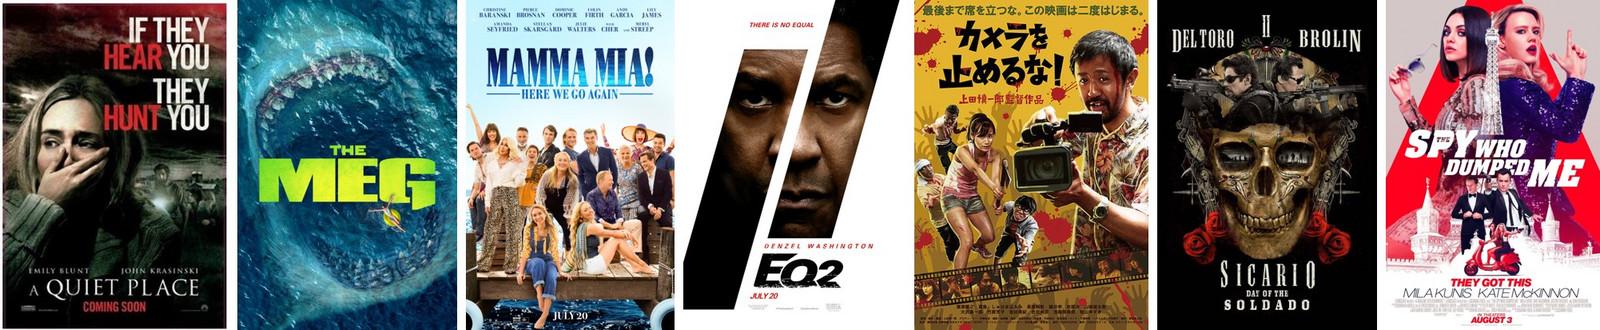 Movies_2018_11